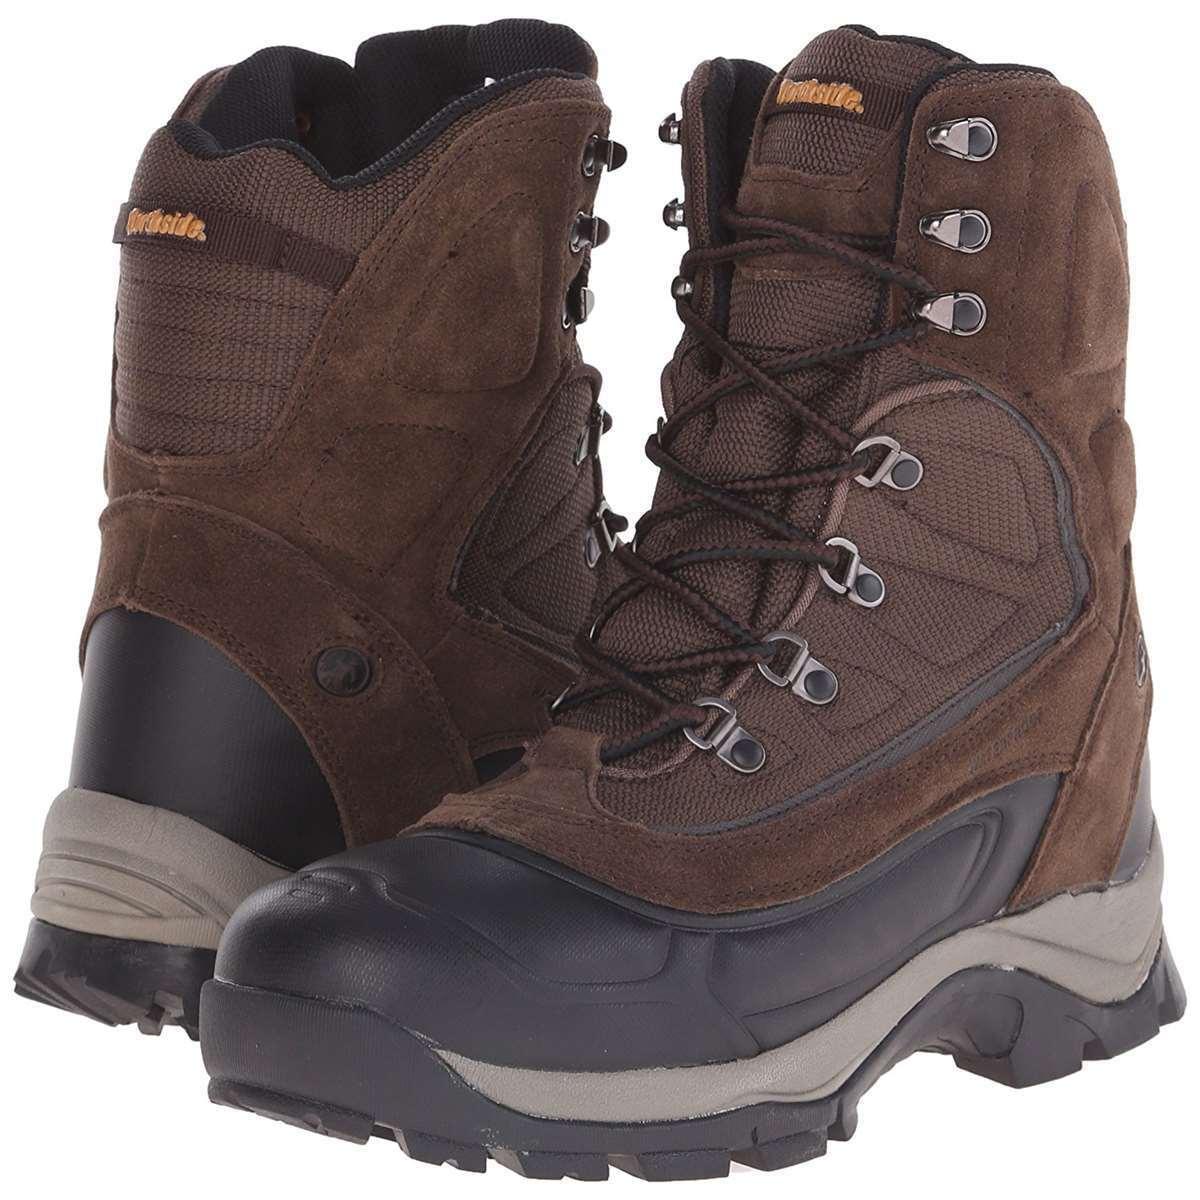 botas para Hombre botas Impermeables NORTHSIDE GRANGER 600 aislado -50 botas De Nieve Nuevo